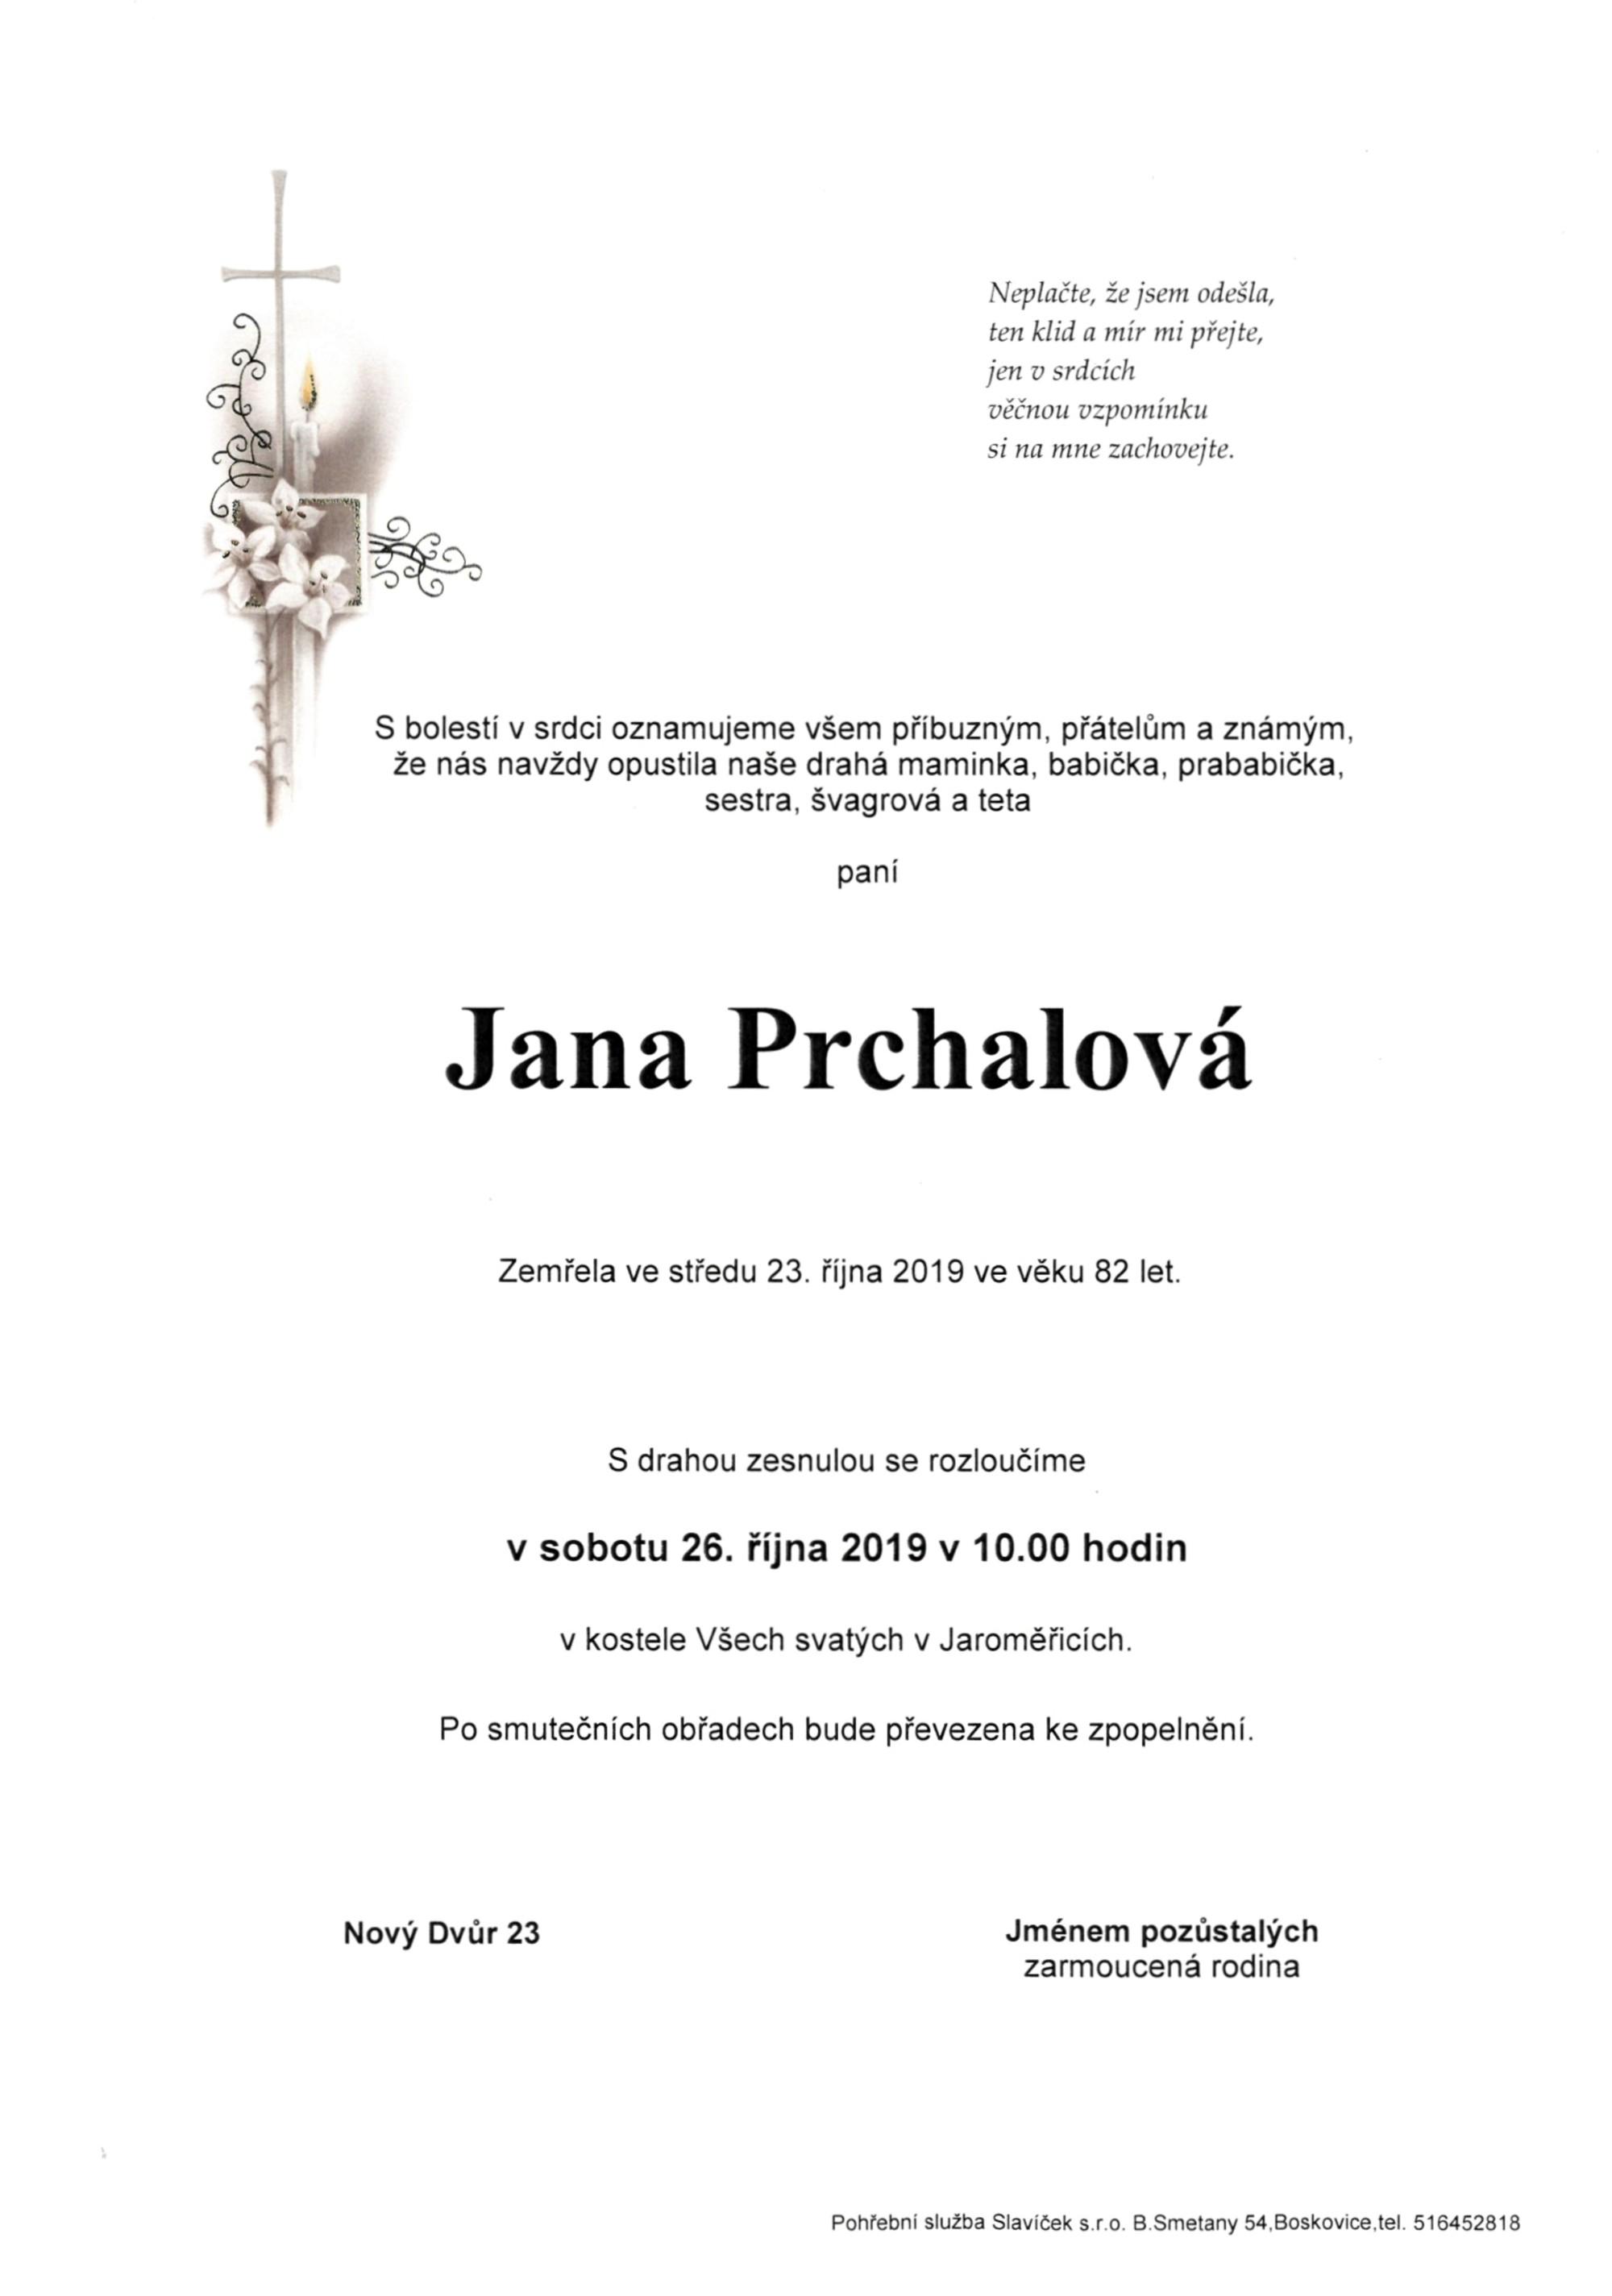 Jana Prchalová